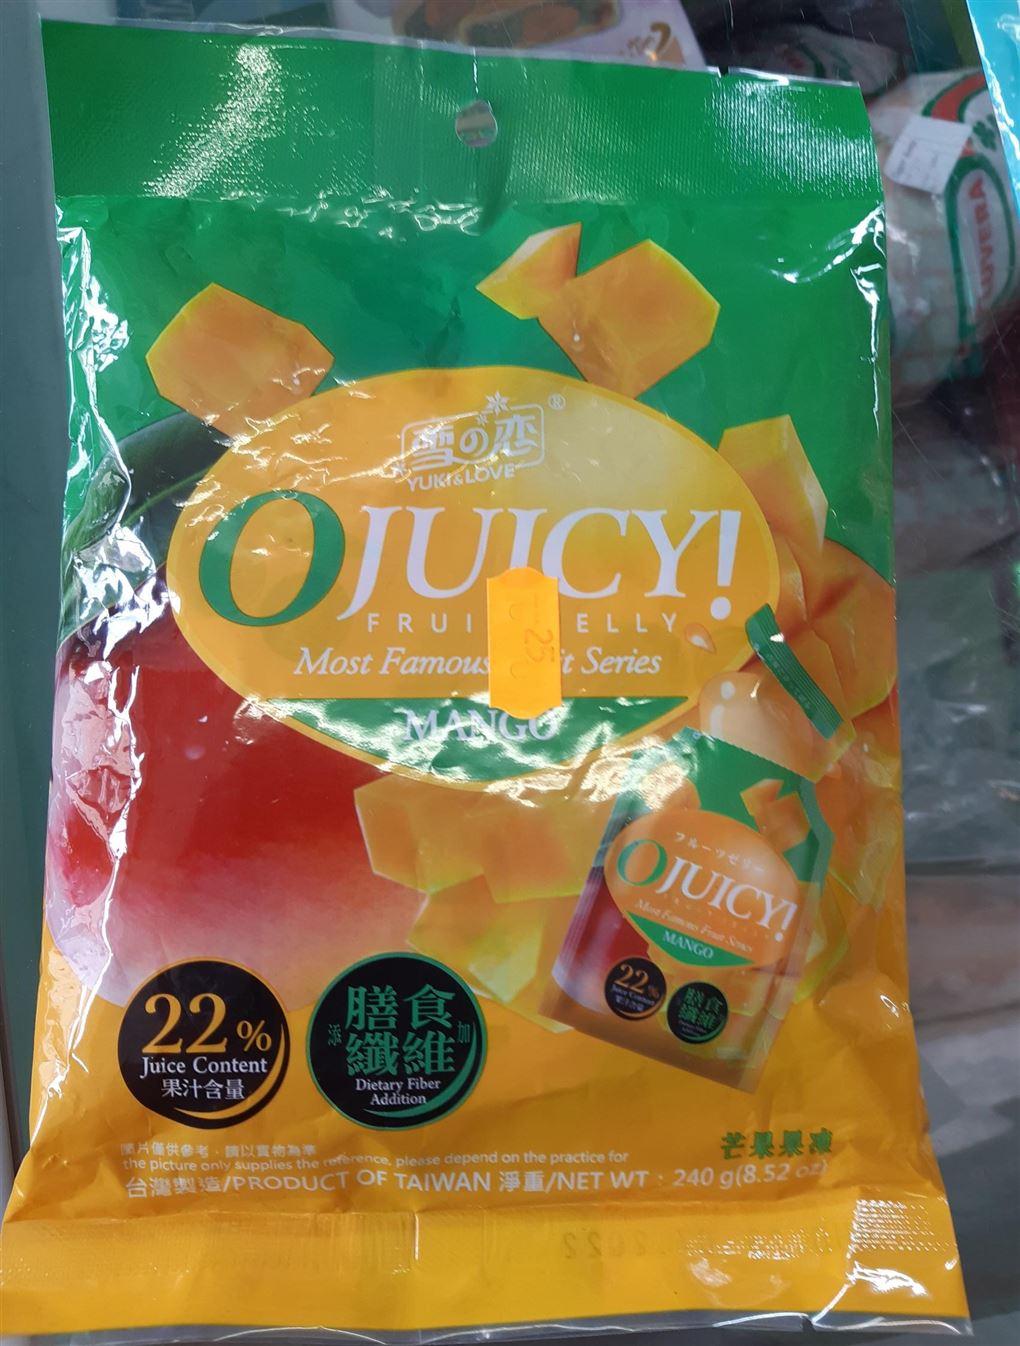 En pose med mango vingummierne denne pose er med orange etikette.